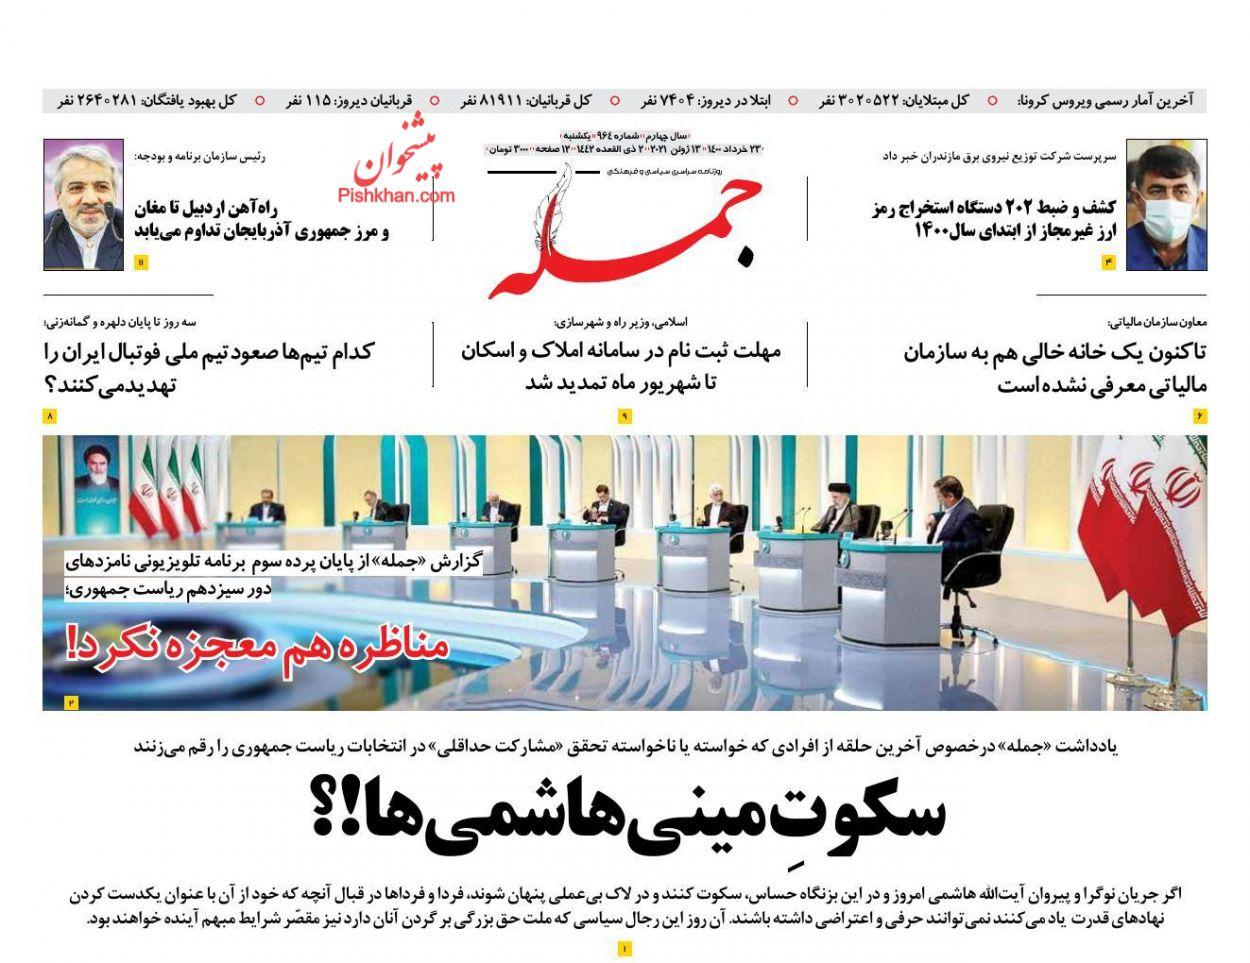 عناوین اخبار روزنامه جمله در روز یکشنبه ۲۳ خرداد